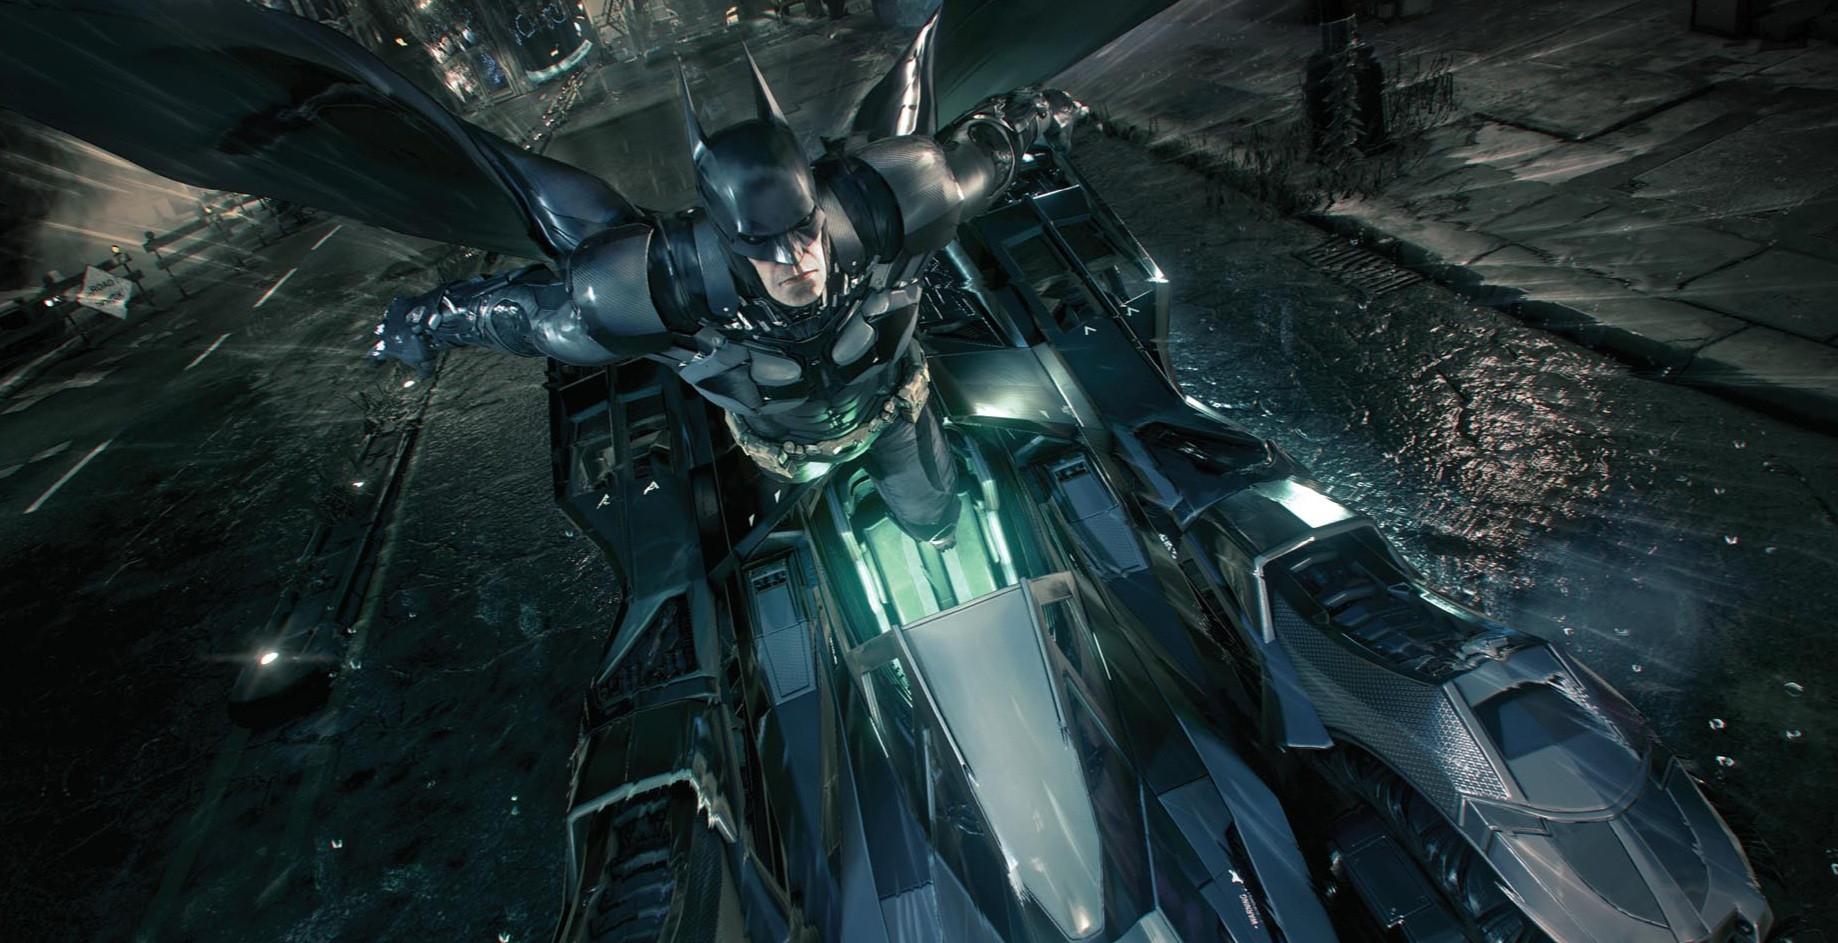 batman-arkham-knight-psc-gamescom-2014-2